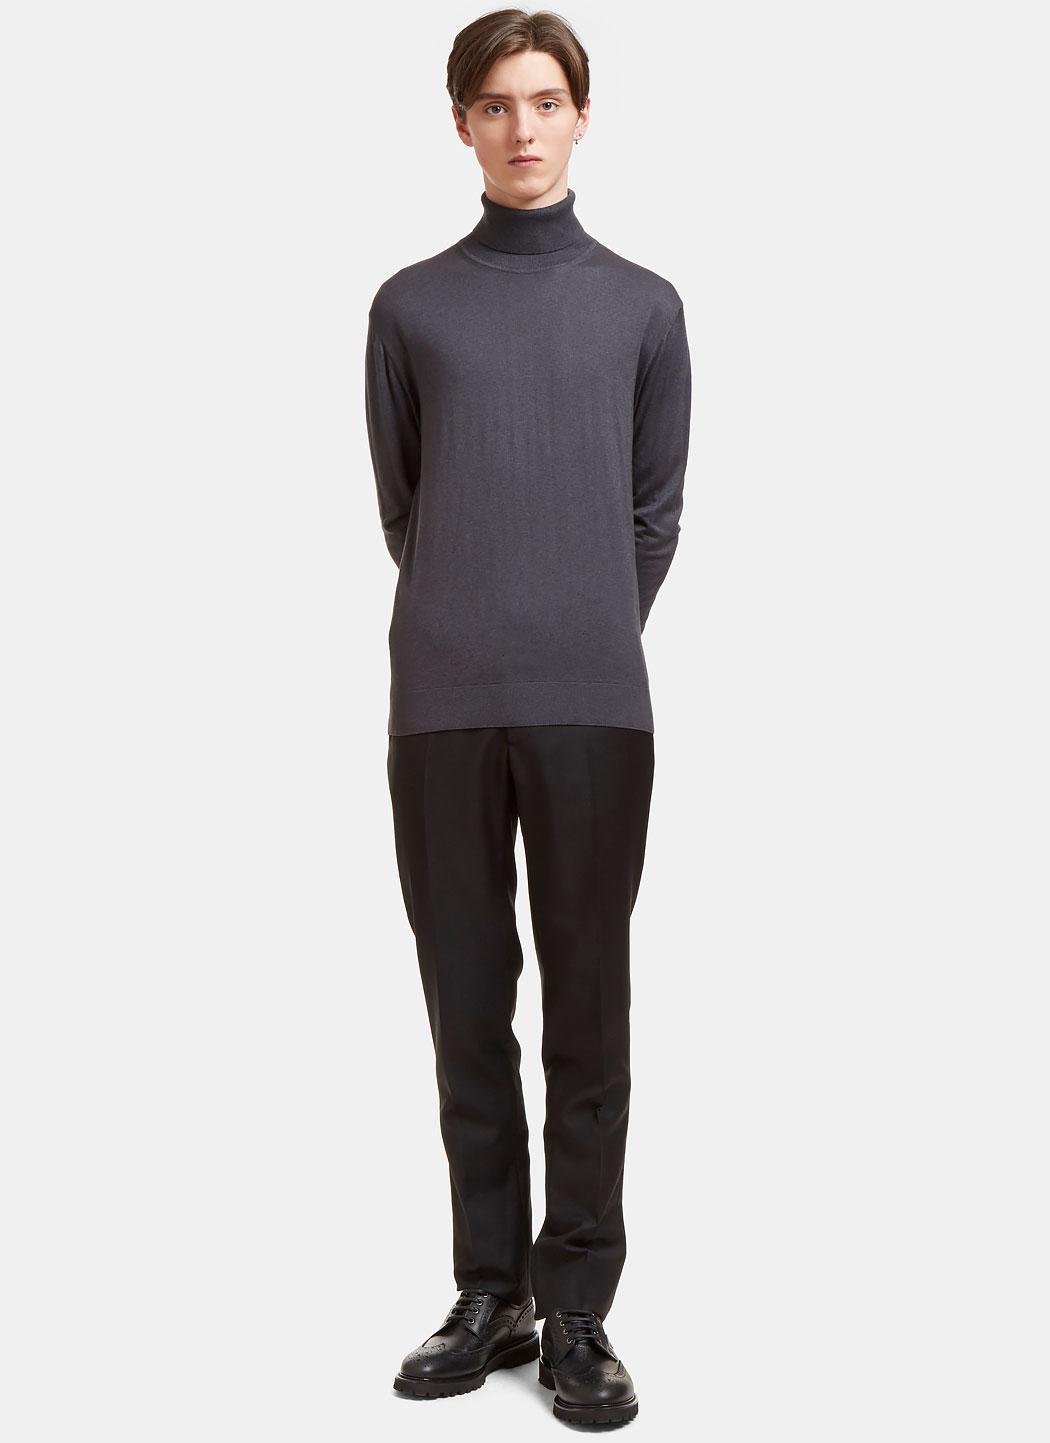 Dark Gray In Roll Lyst Grey Sweater Neck Ribbed Aiezen Men's wqAwnxva0f